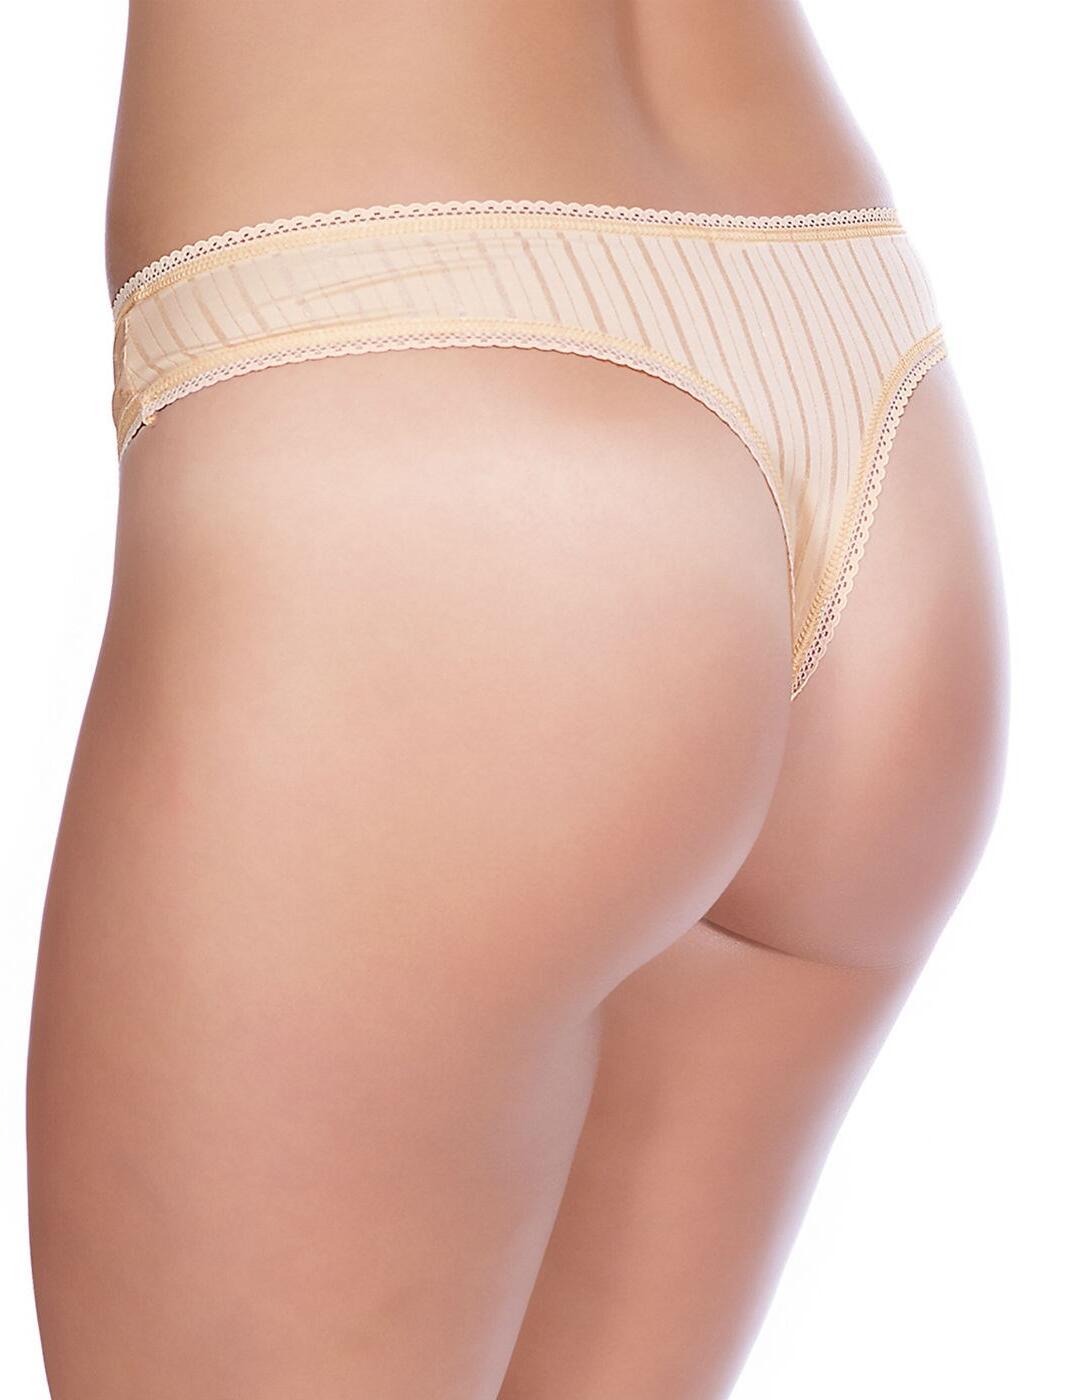 Freya Mode String 5037 Femme Sous-vêtements Lingerie